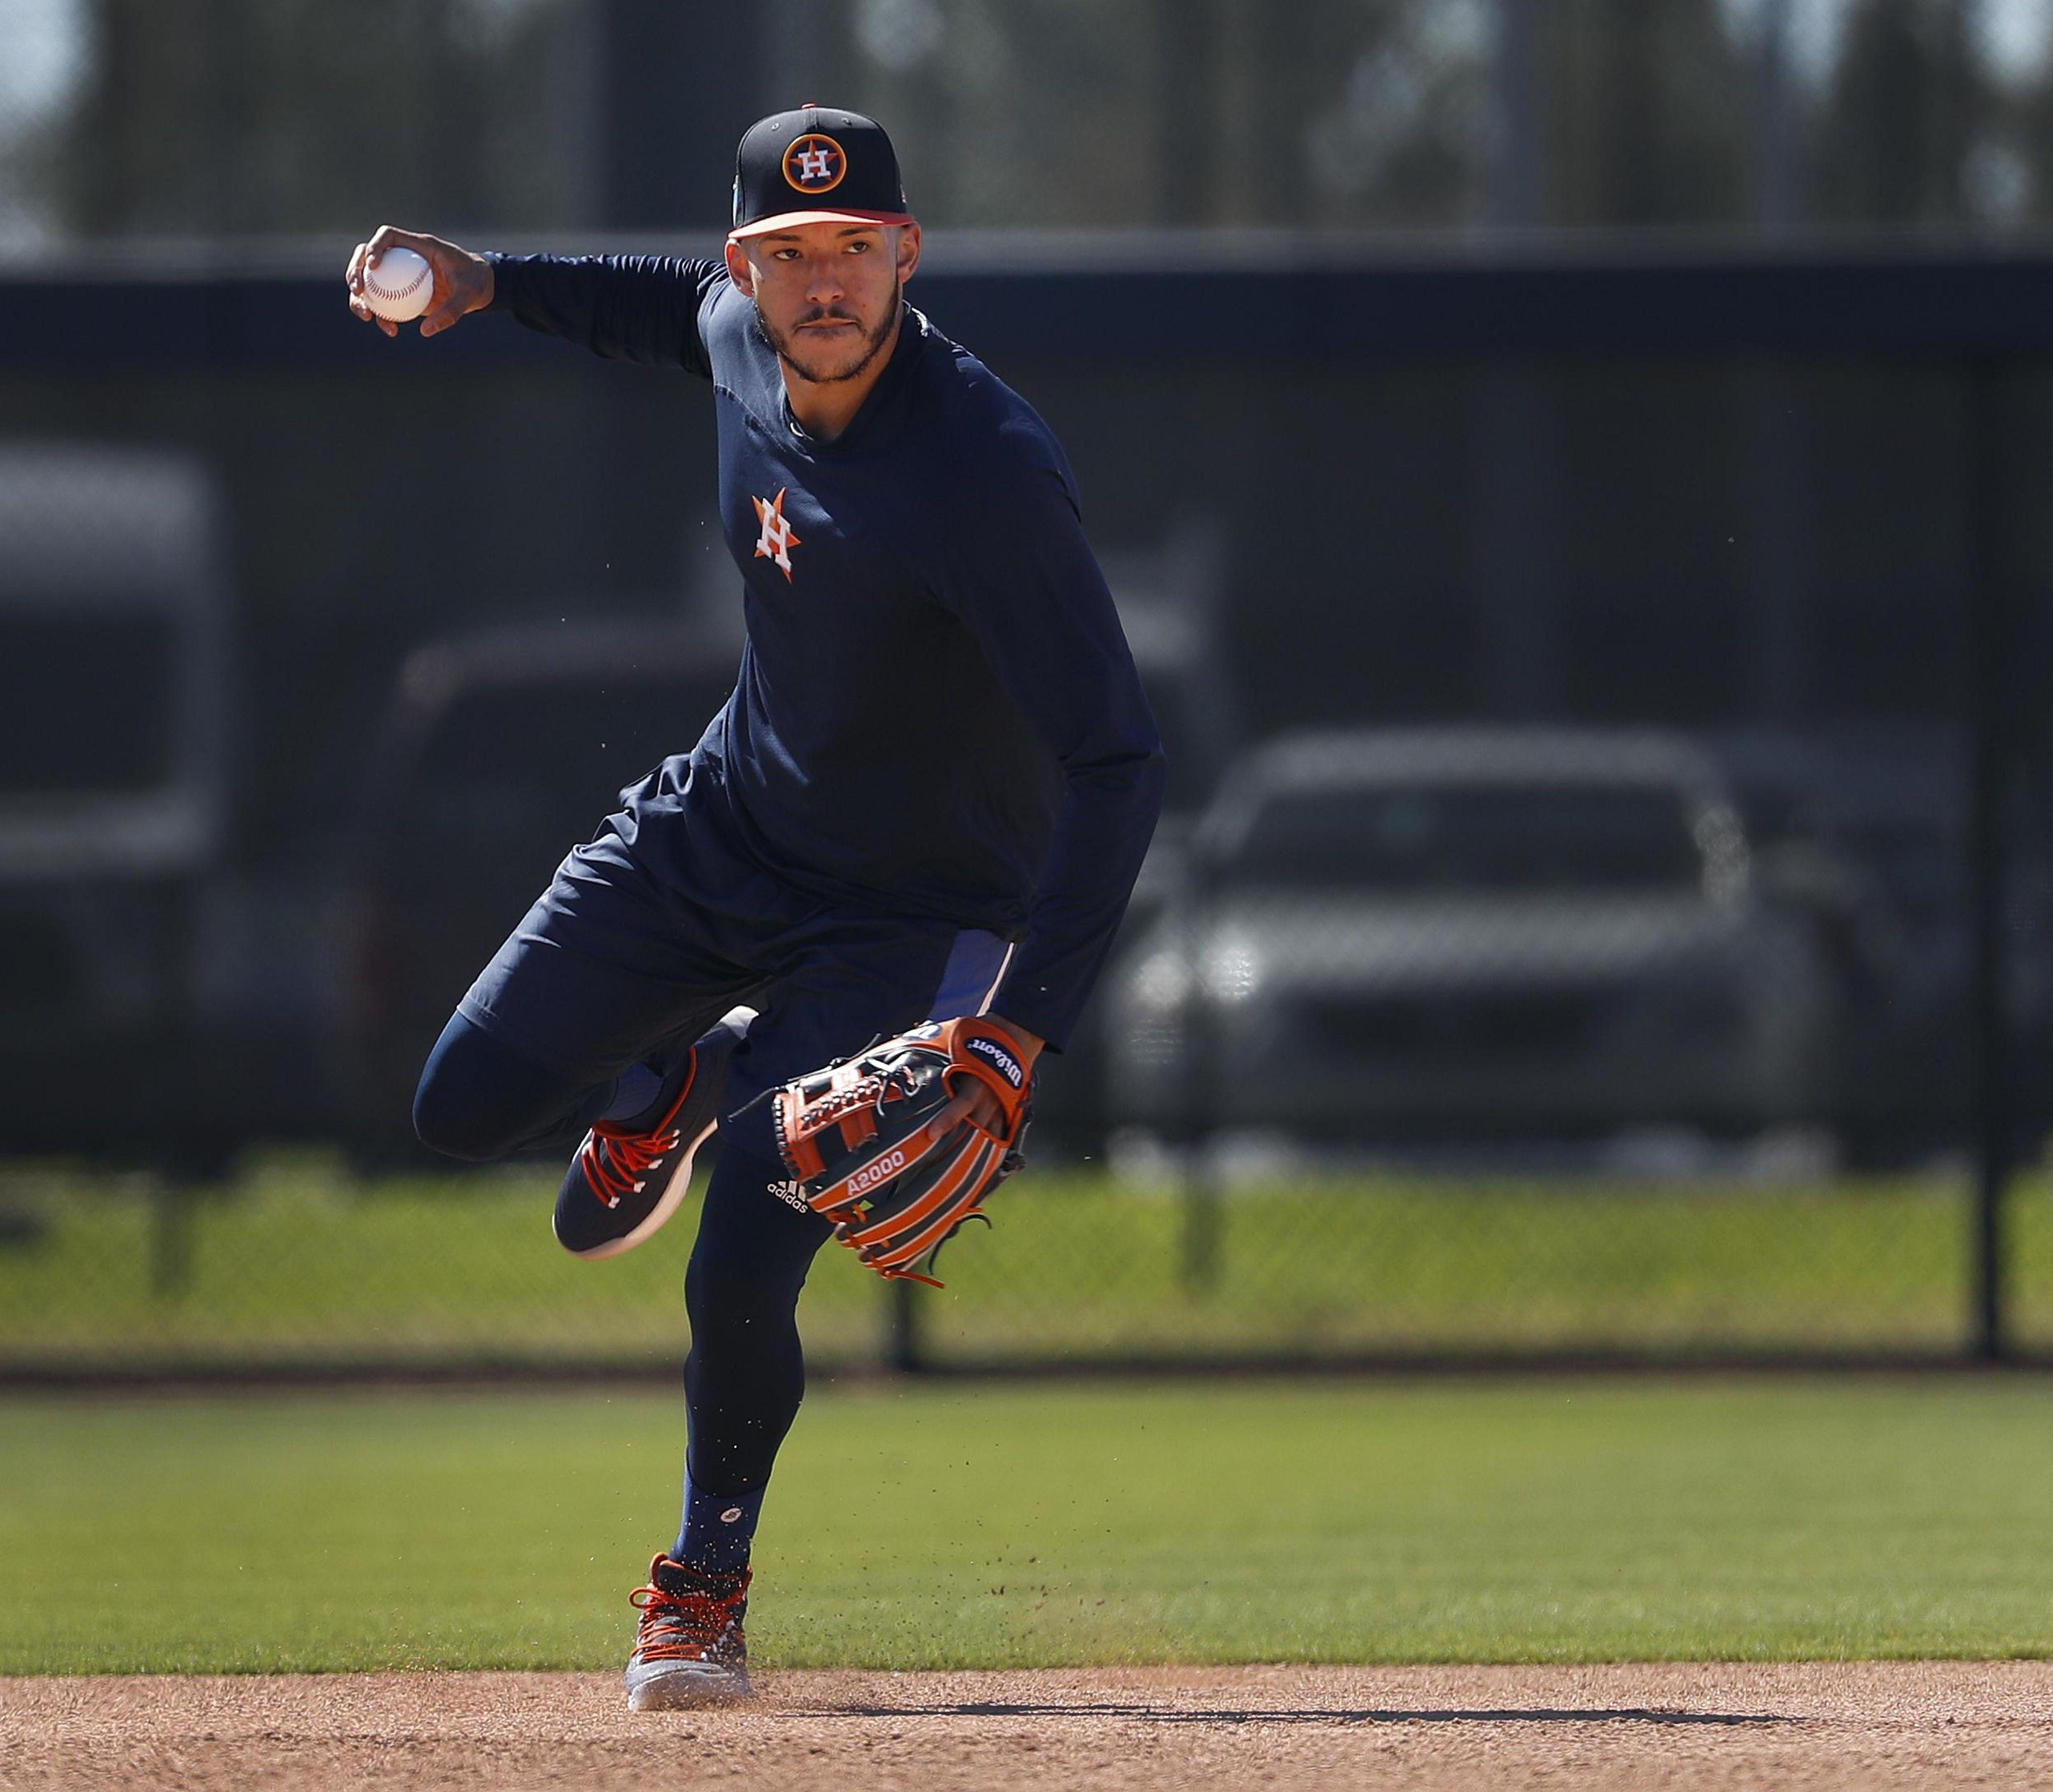 Astros_spring_baseball_35368_s4096x3576